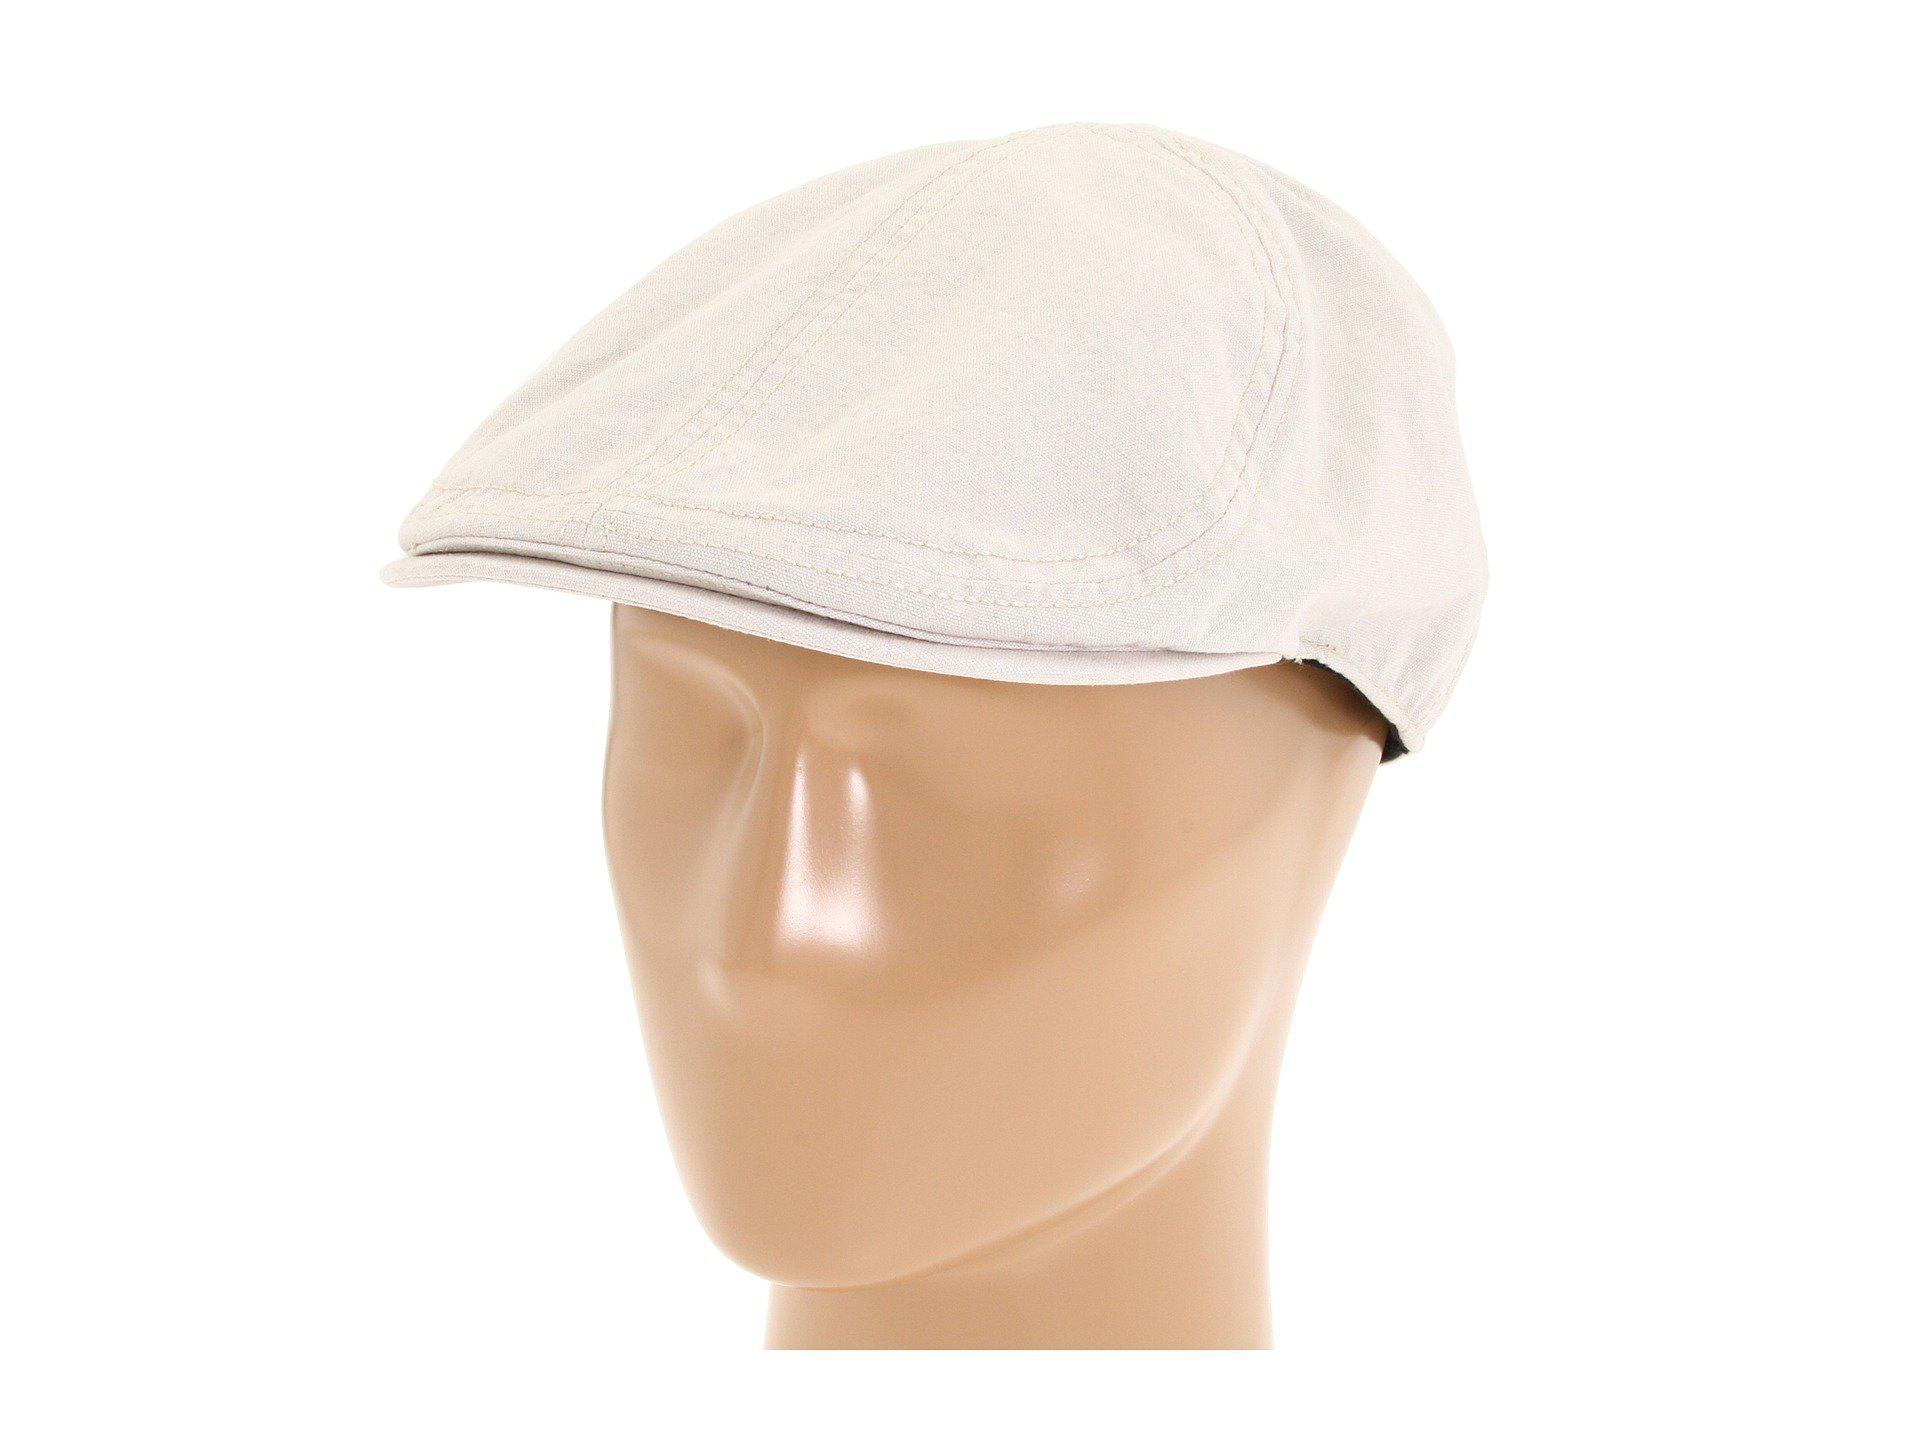 Lyst - Goorin Bros Ari (black) Caps in Natural for Men 38c703135e21